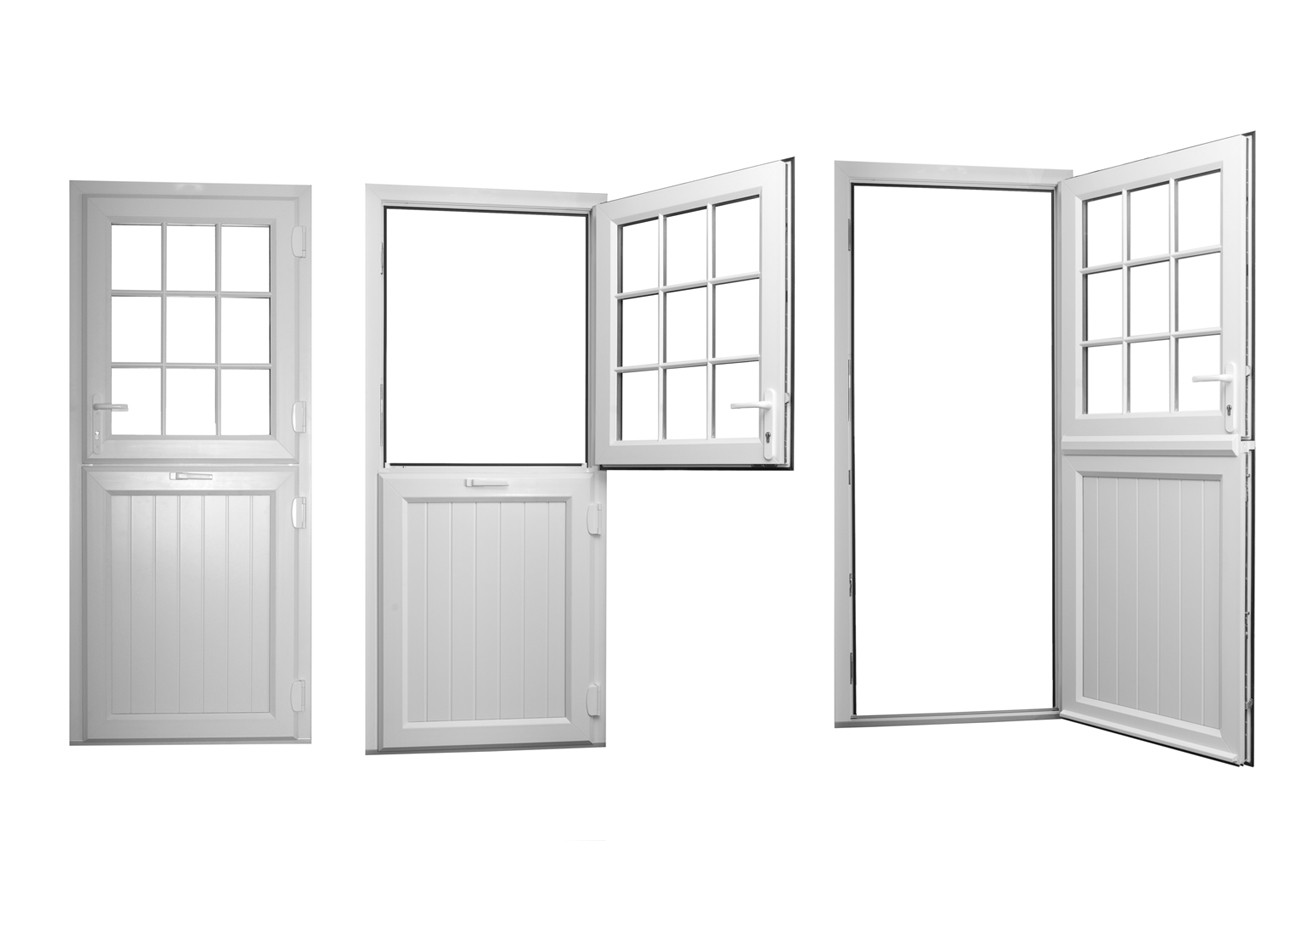 Double Glazed Barn Doors Images - Doors Design Ideas